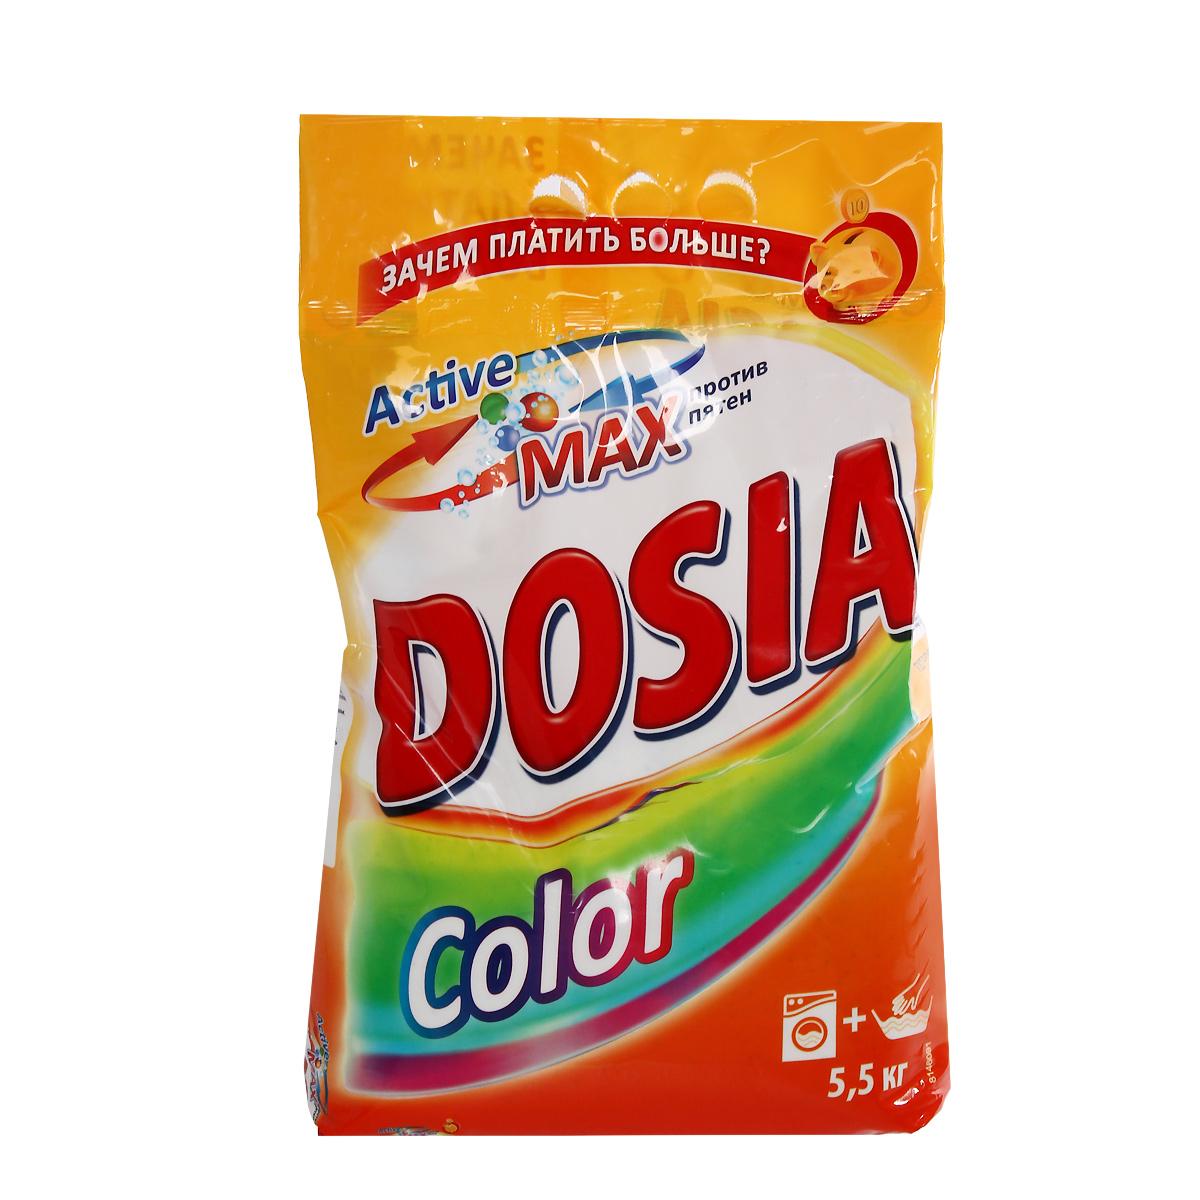 Стиральный порошок Dosia Color, аромат свежести, 5,5 кг7504191Стиральный порошок Dosia Color предназначен для стирки в стиральных машинах любого типа, также подходит для ручной стирки. Стиральный порошок содержит комплекс элементов, благодаря которым белье после стирки становиться чистым и свежим. Стиральный порошок Dosia Color для цветного белья бережно удаляет пятна, сохраняя свежий цвет ваших вещей стирка за стиркой! Порошок содержит компоненты, помогающие защитить стиральную машину от накипи и известкового налета. Характеристики: Вес порошка: 5,5 кг. Товар сертифицирован. Уважаемые клиенты! Обращаем ваше внимание на возможные изменения в дизайне упаковки.